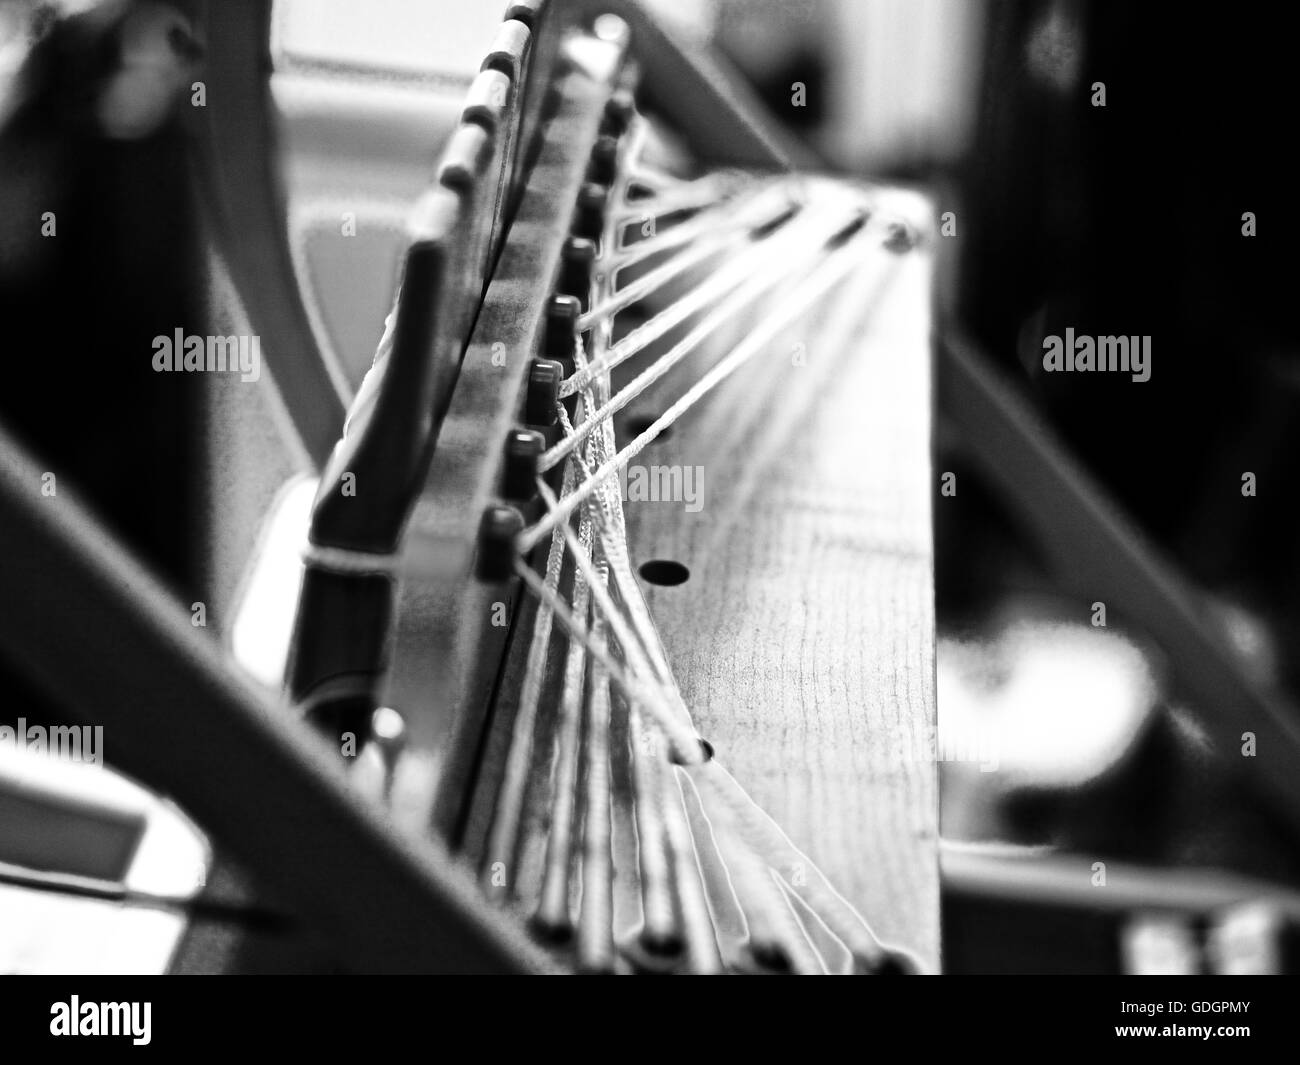 Weaving loom in an art studio London - Stock Image